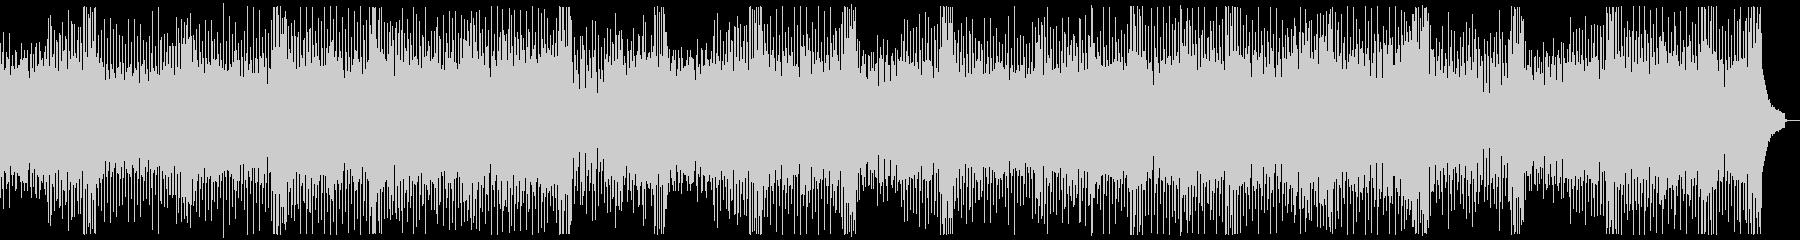 ファンキーイベントオープニング:フルx2の未再生の波形